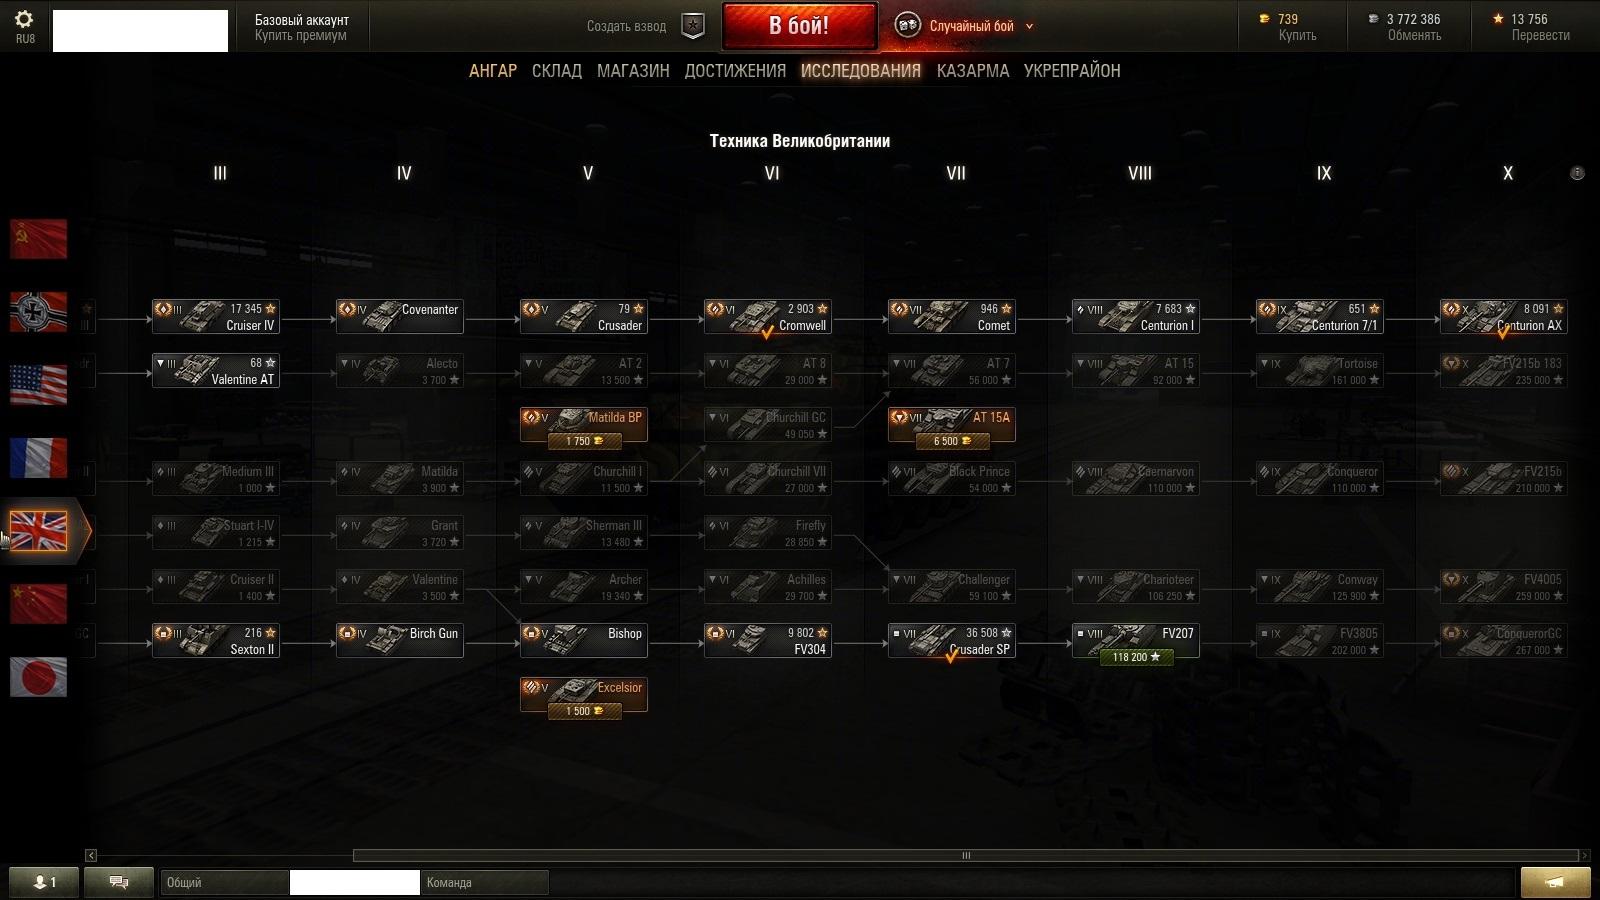 Купить аккаунт ворлд оф танкс с танками фв 215б183 об 907 вот сайт покупка за боны